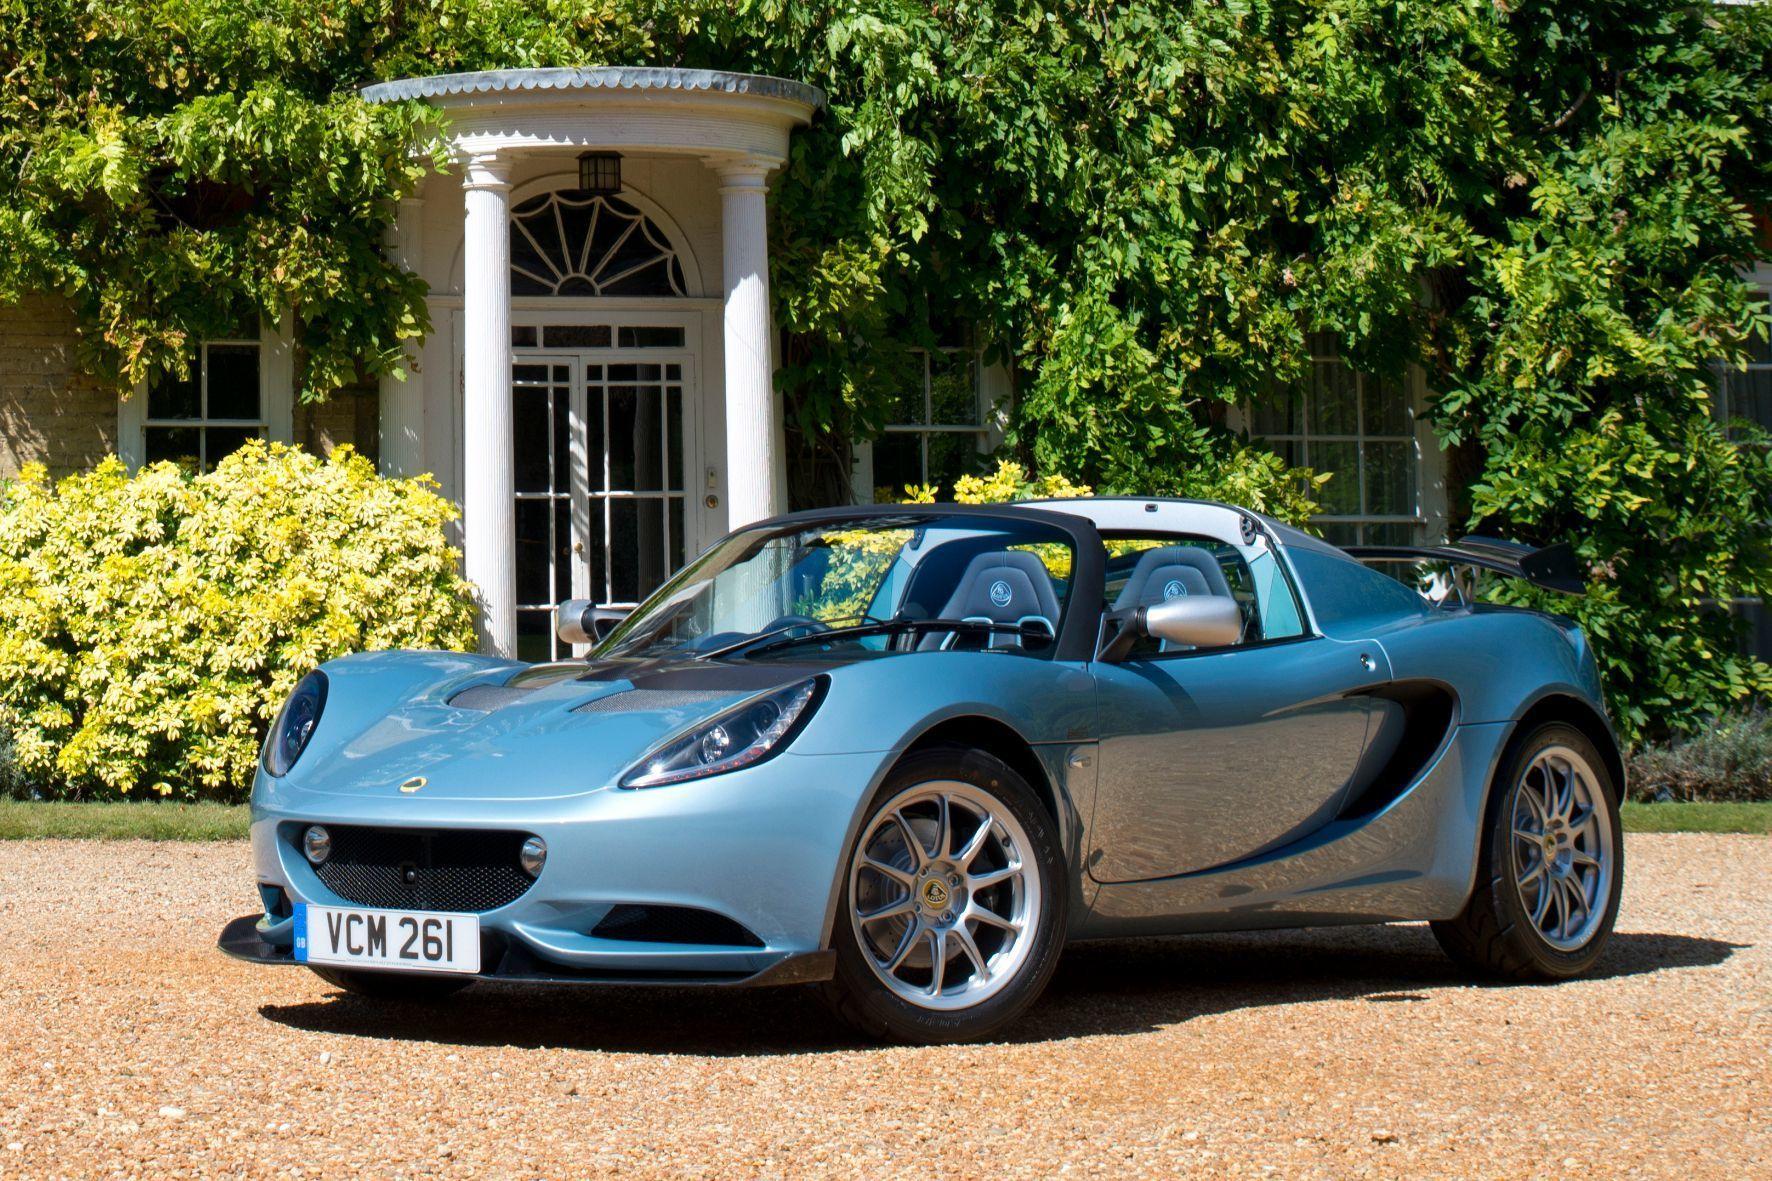 mid Groß-Gerau - Happy Birthday Hethel: Seit einem halben Jahrhundert produziert Lotus in dem Werk im britischen Norfolk Sportwagen. Zum Jubiläum bringen die Briten das Sondermodell 250 Special Edition der Elise auf die Straße.